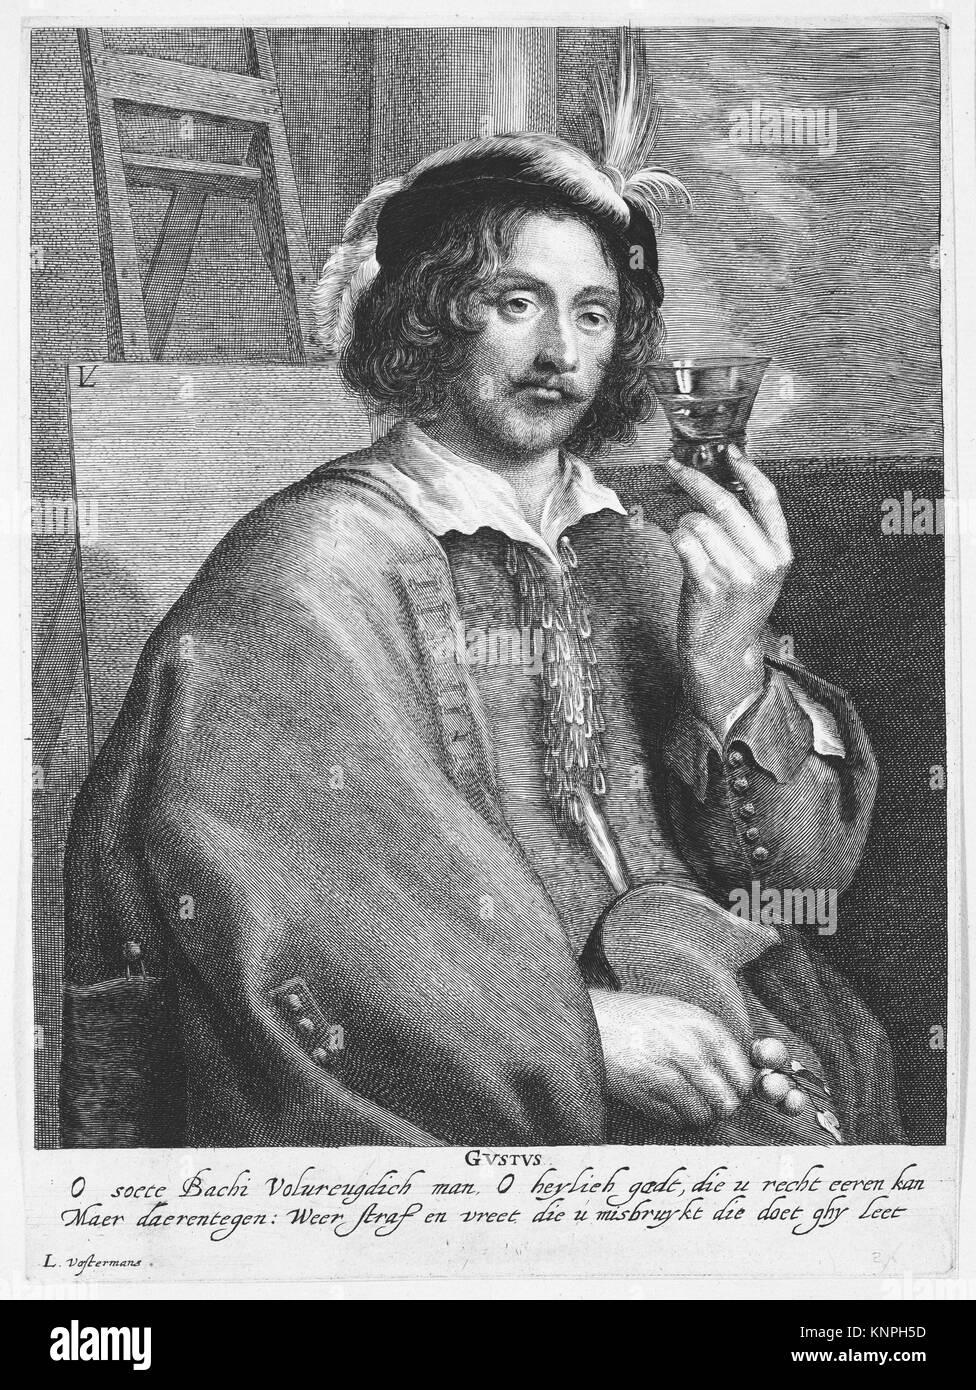 Allegoria del gusto (Ritratto del pittore Jan Davidsz de Heem, dopo un self-portrait). Artista: Lucas Vorsterman I (fiammingo, Zaltbommel 1595-1675 Foto Stock